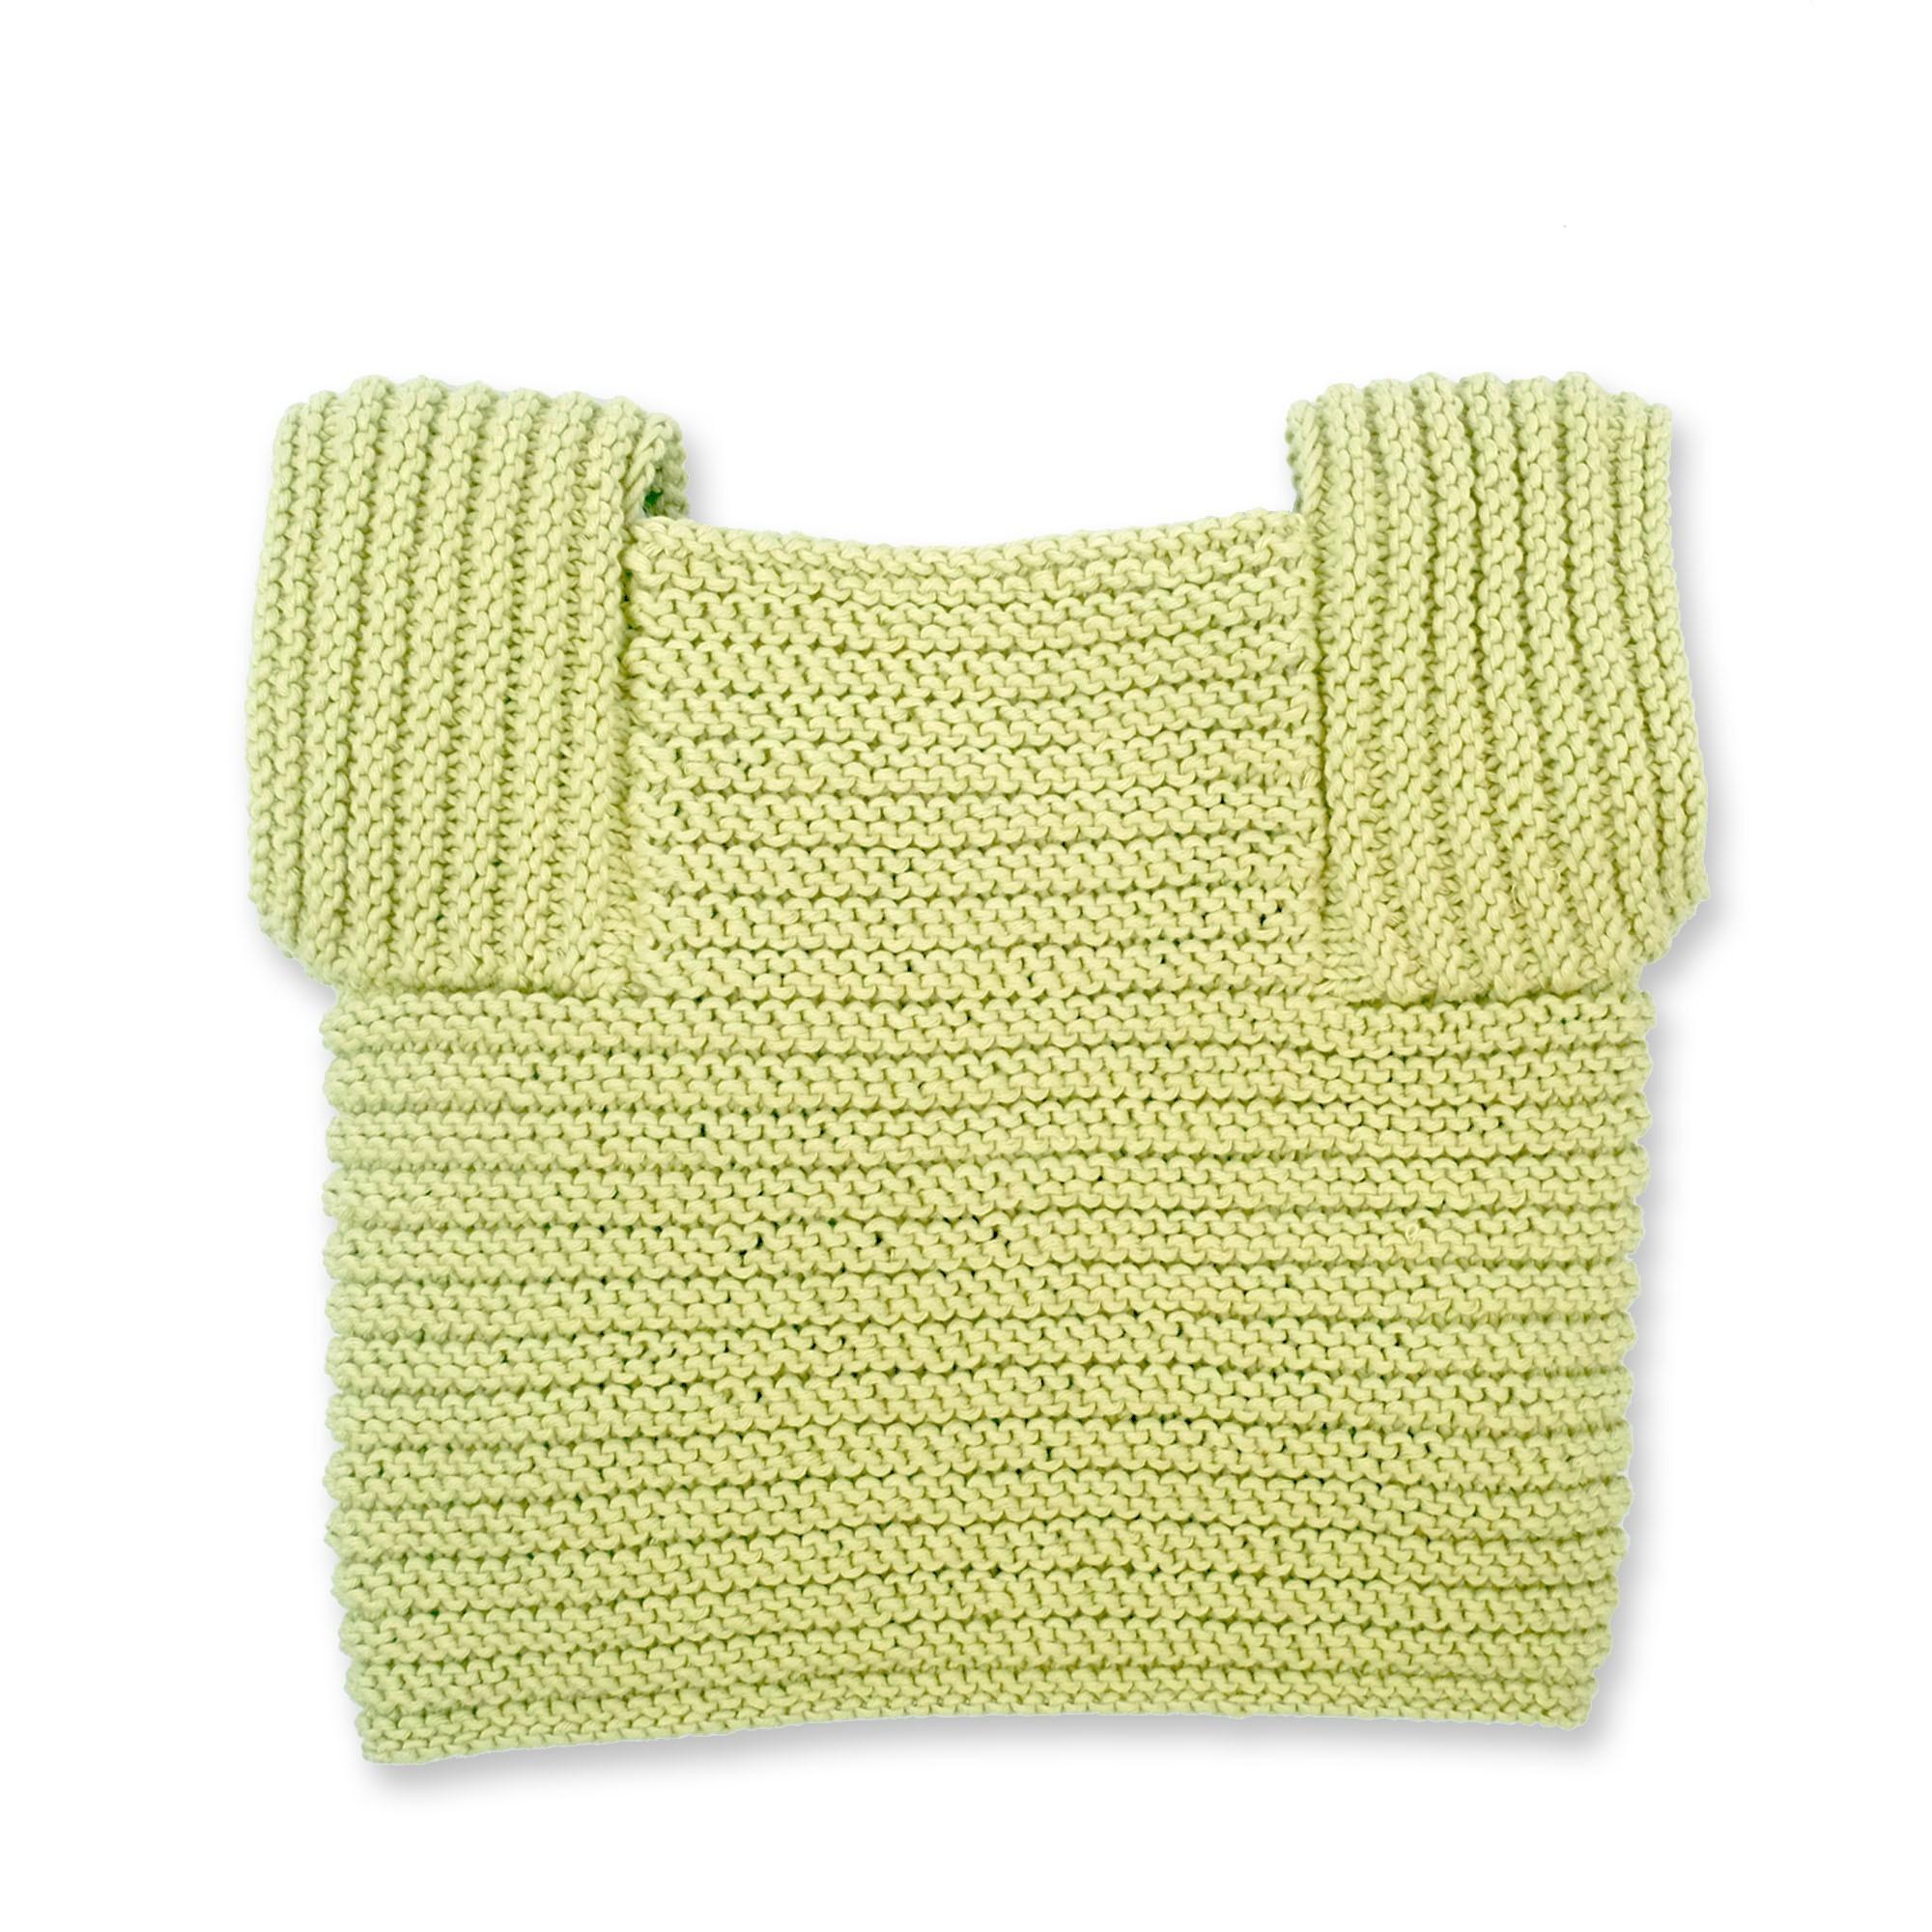 Gilet Edgar pour enfant - coloris vert pistache - vue de dos